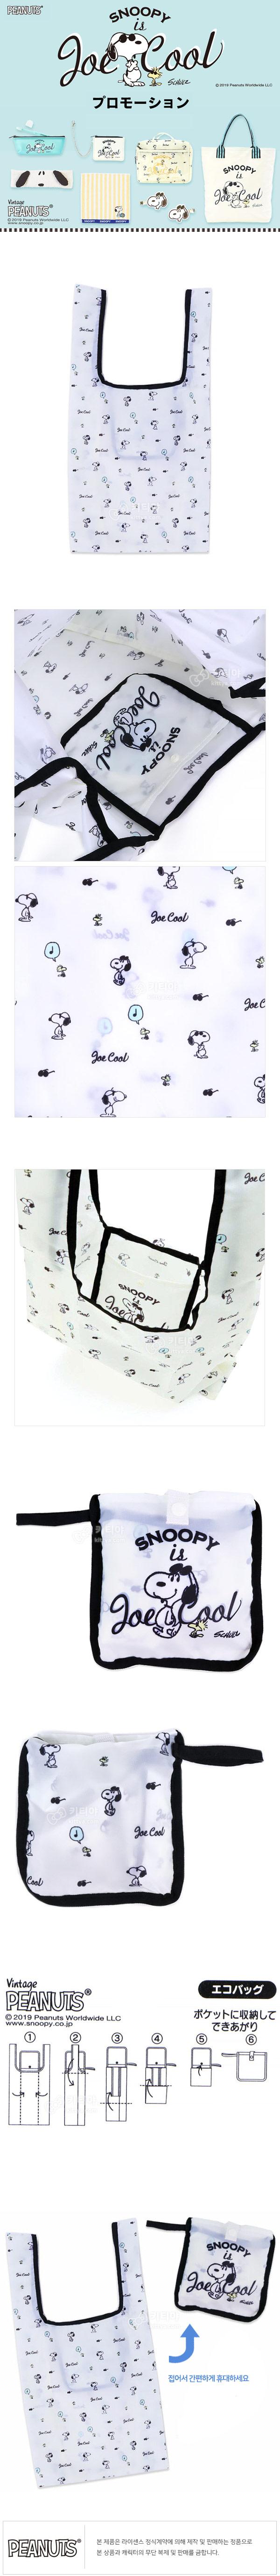 스누피 JOE COOL 시장가방 - 키티야, 37,500원, 토트백, 패브릭토트백